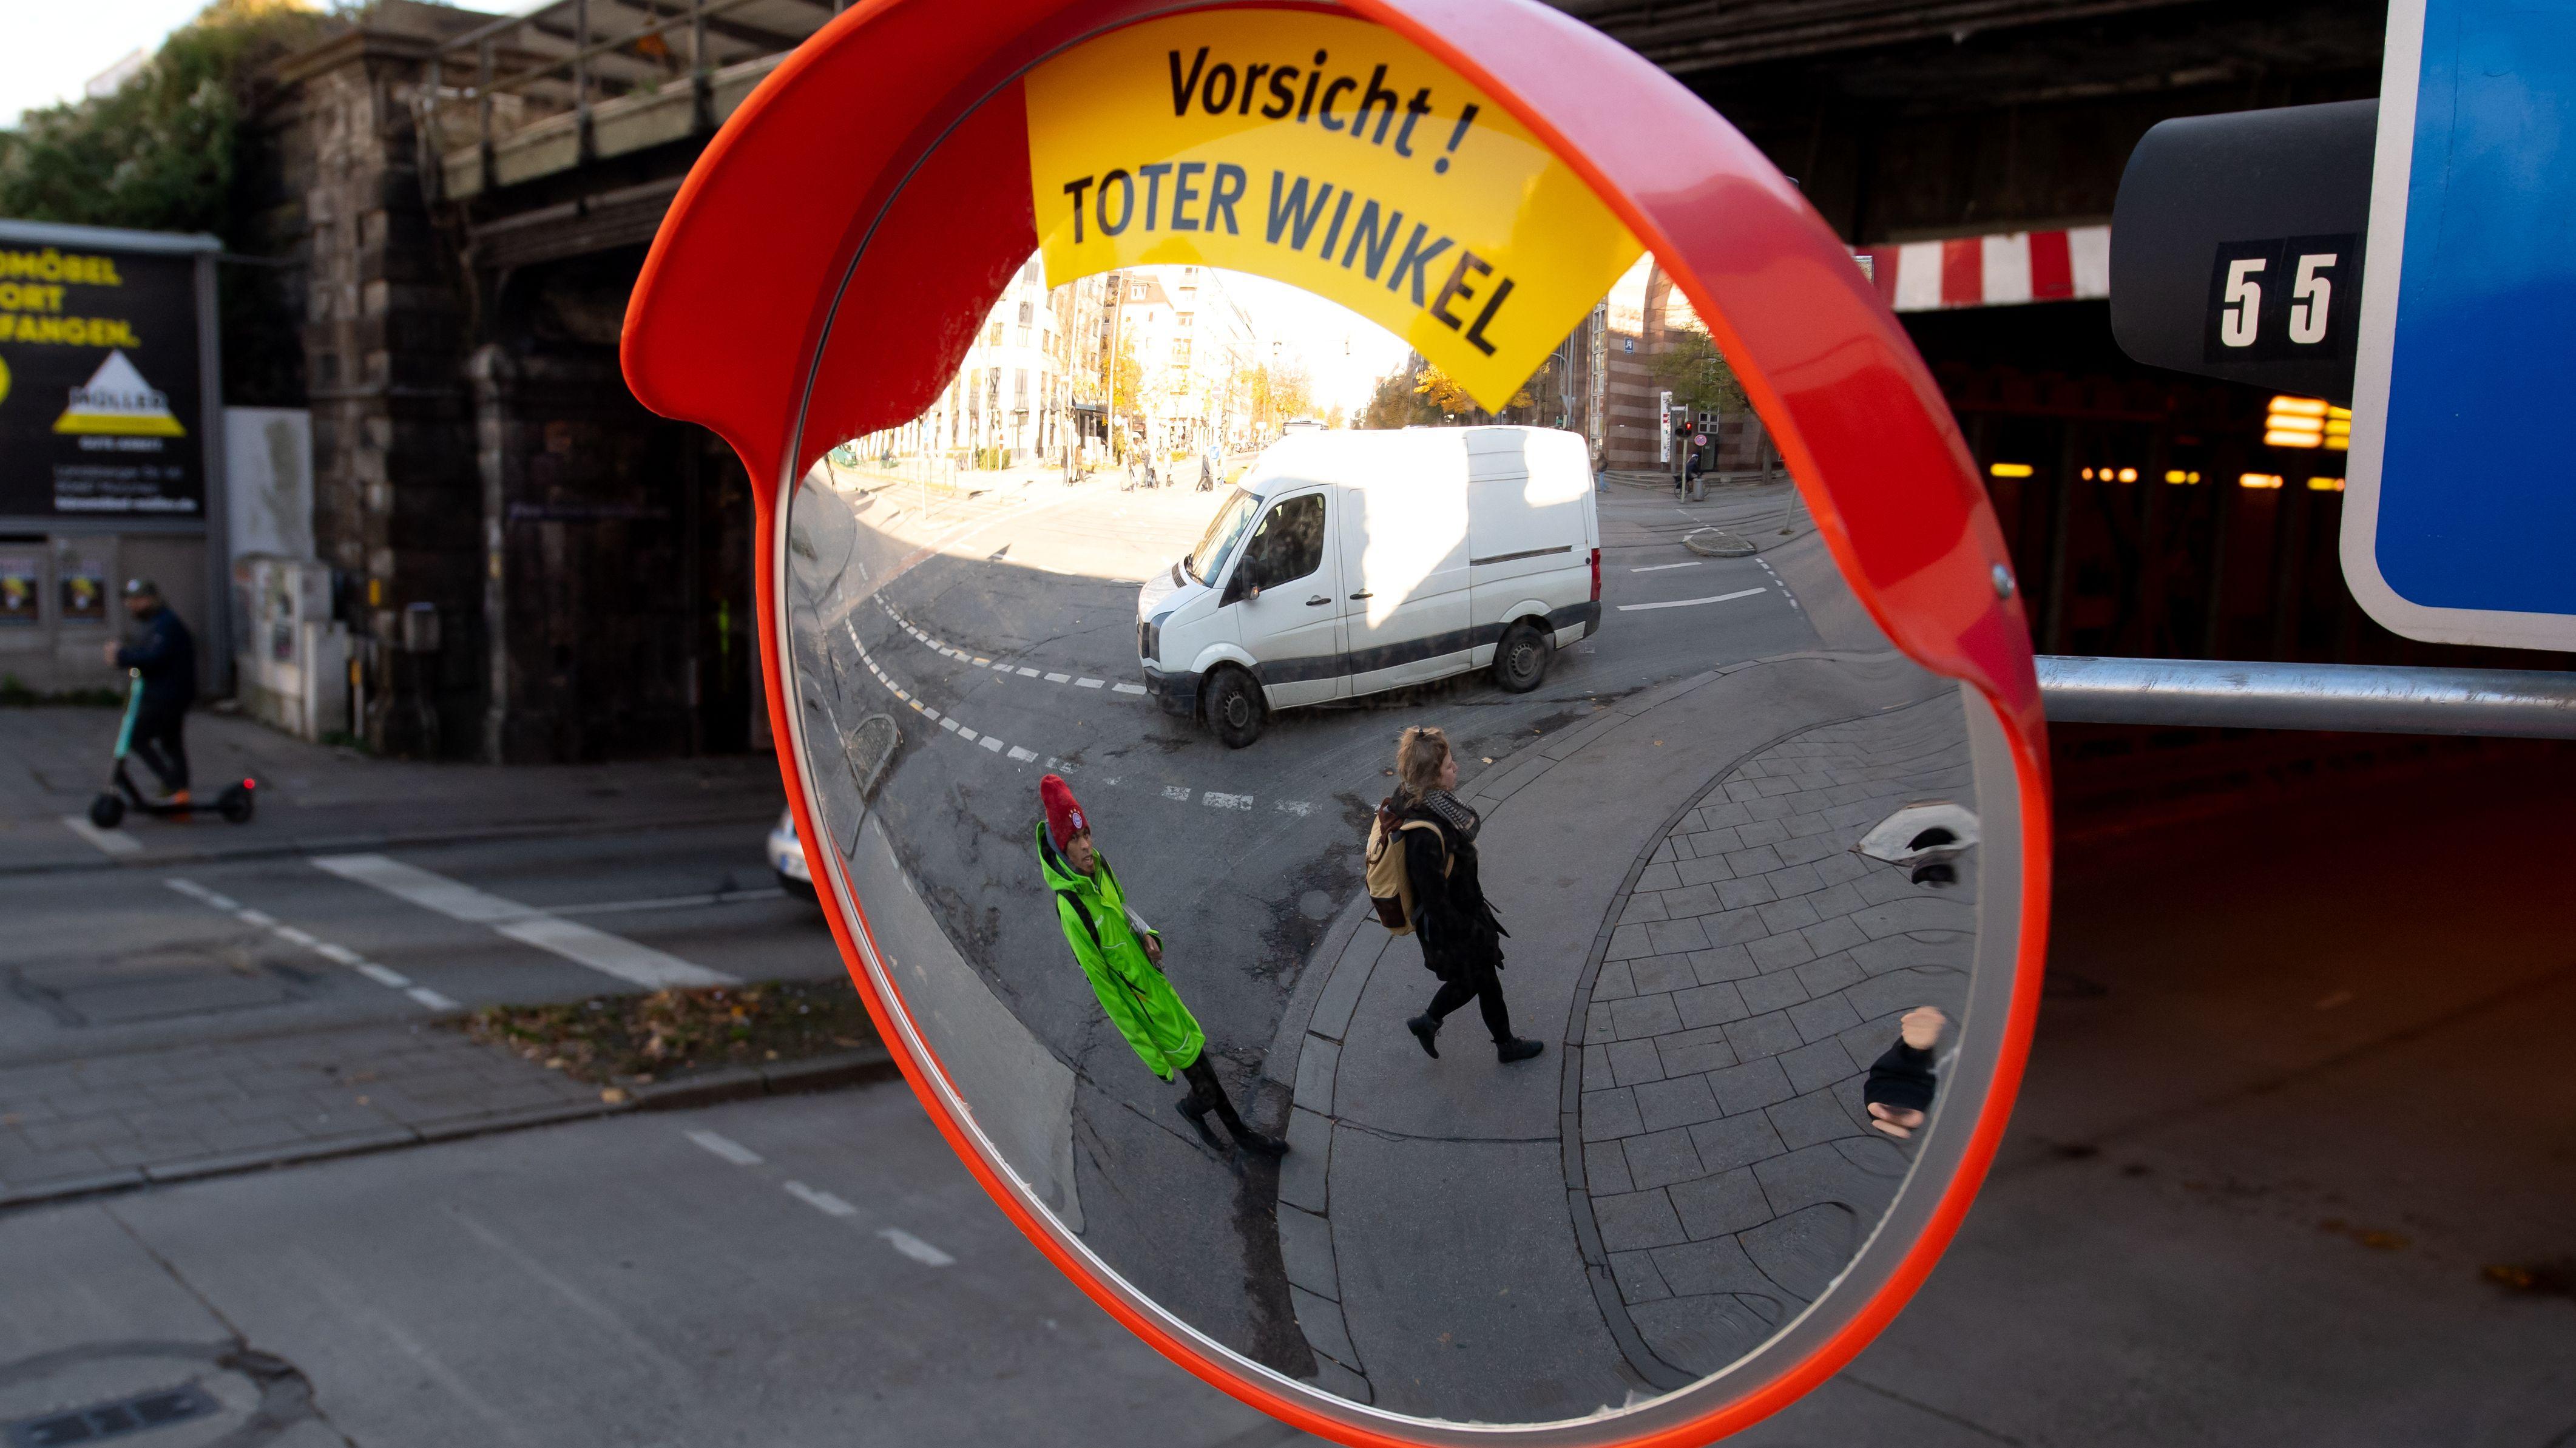 Ein Trixi-Spiegel an einer Münchner Straßenkreuzung